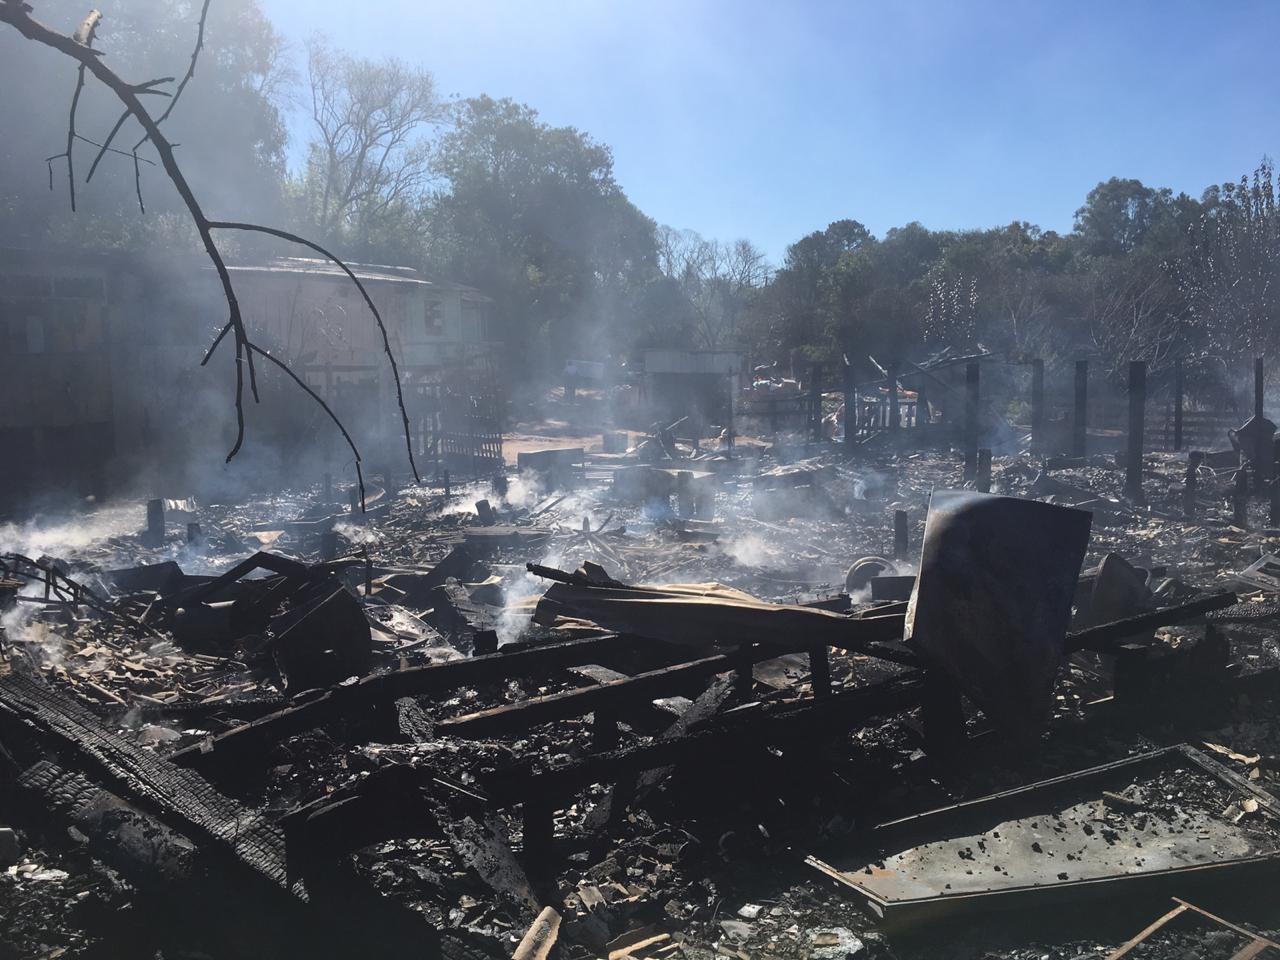 Incêndio destrói cinco casas e deixa cerca de 30 pessoas desabrigadas em Passo Fundo  - Notícias - Plantão Diário